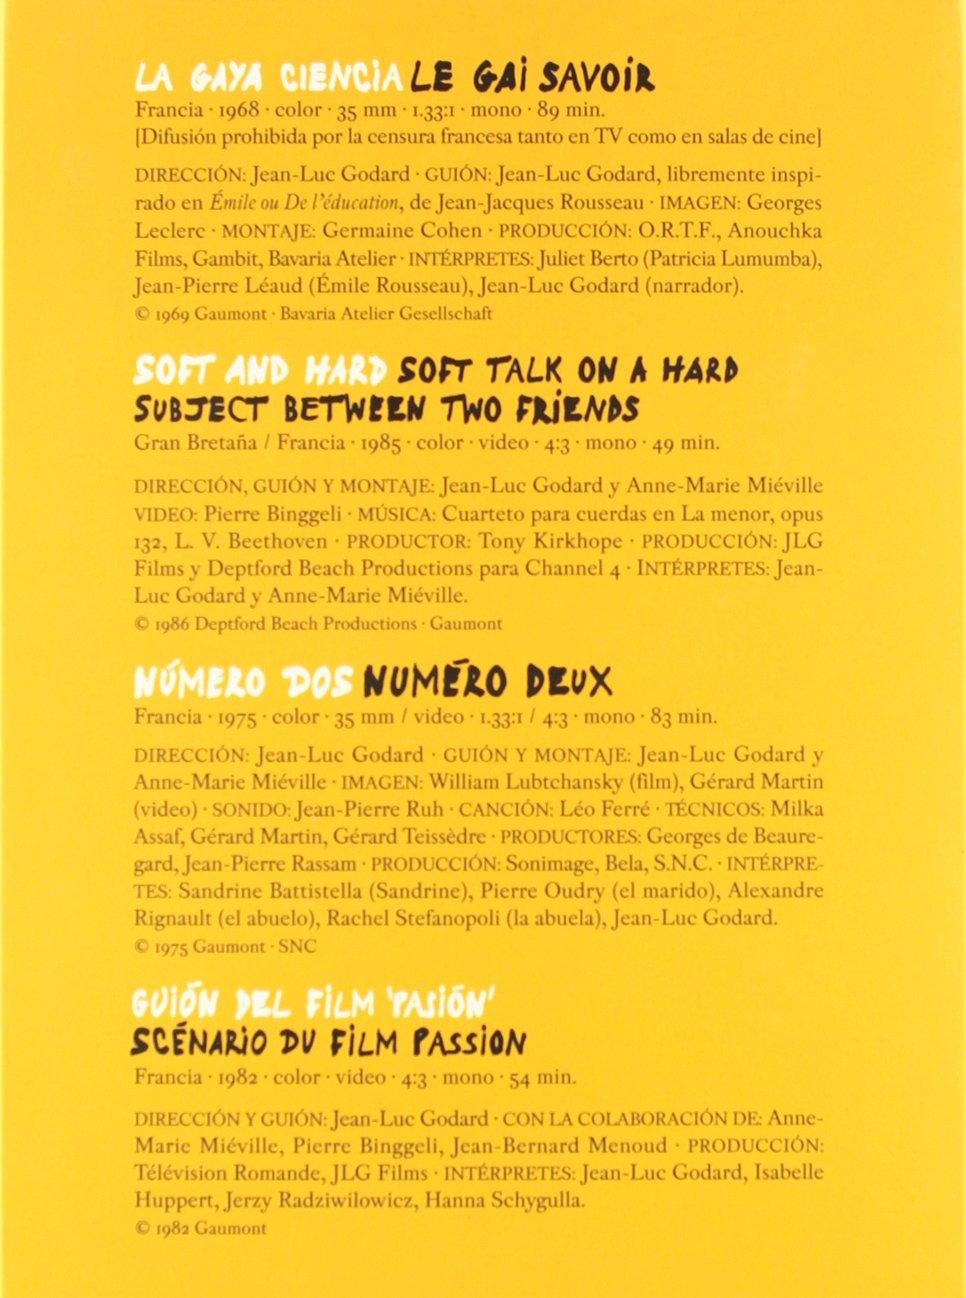 Amazon.com: Jean-Luc Godard: Ensayos (Incluye 7 Películas) [Import espagnol]: Movies & TV